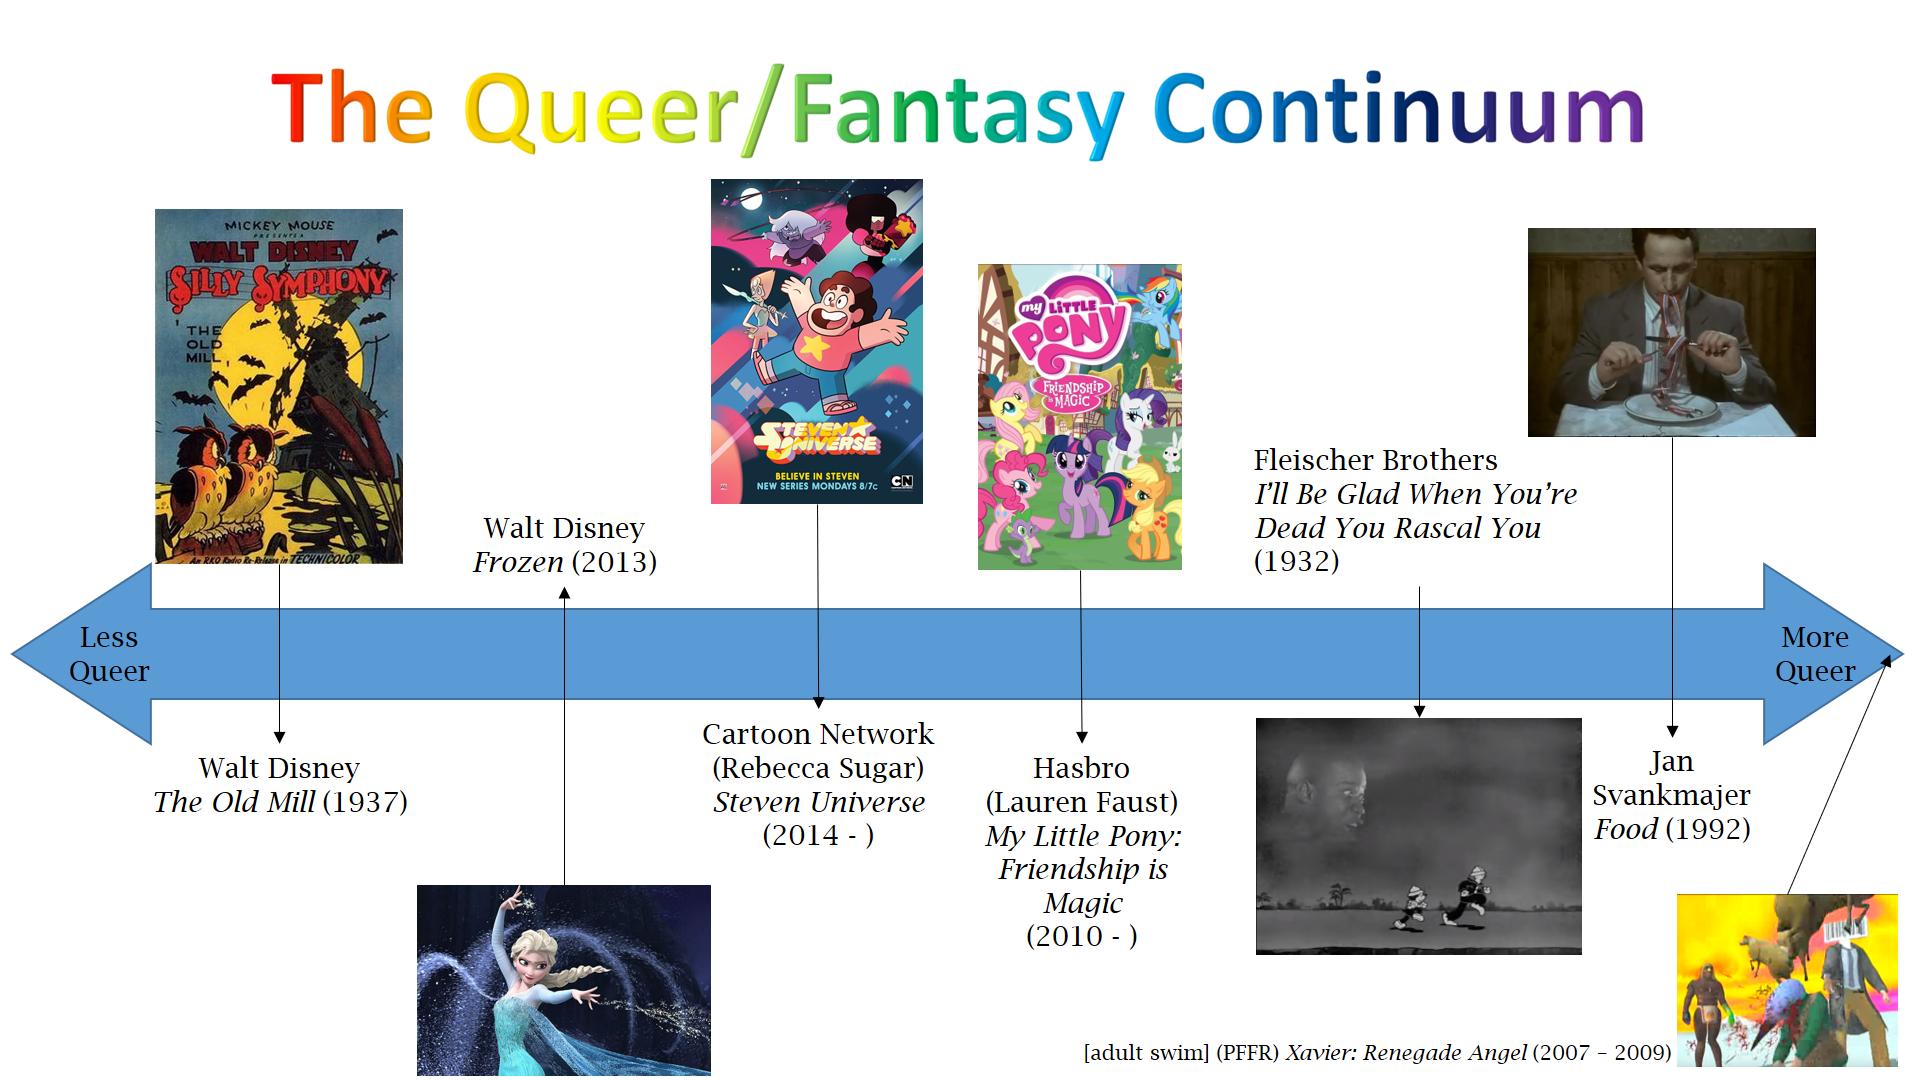 Fig.1 - The Queer/Fantasy Continuum